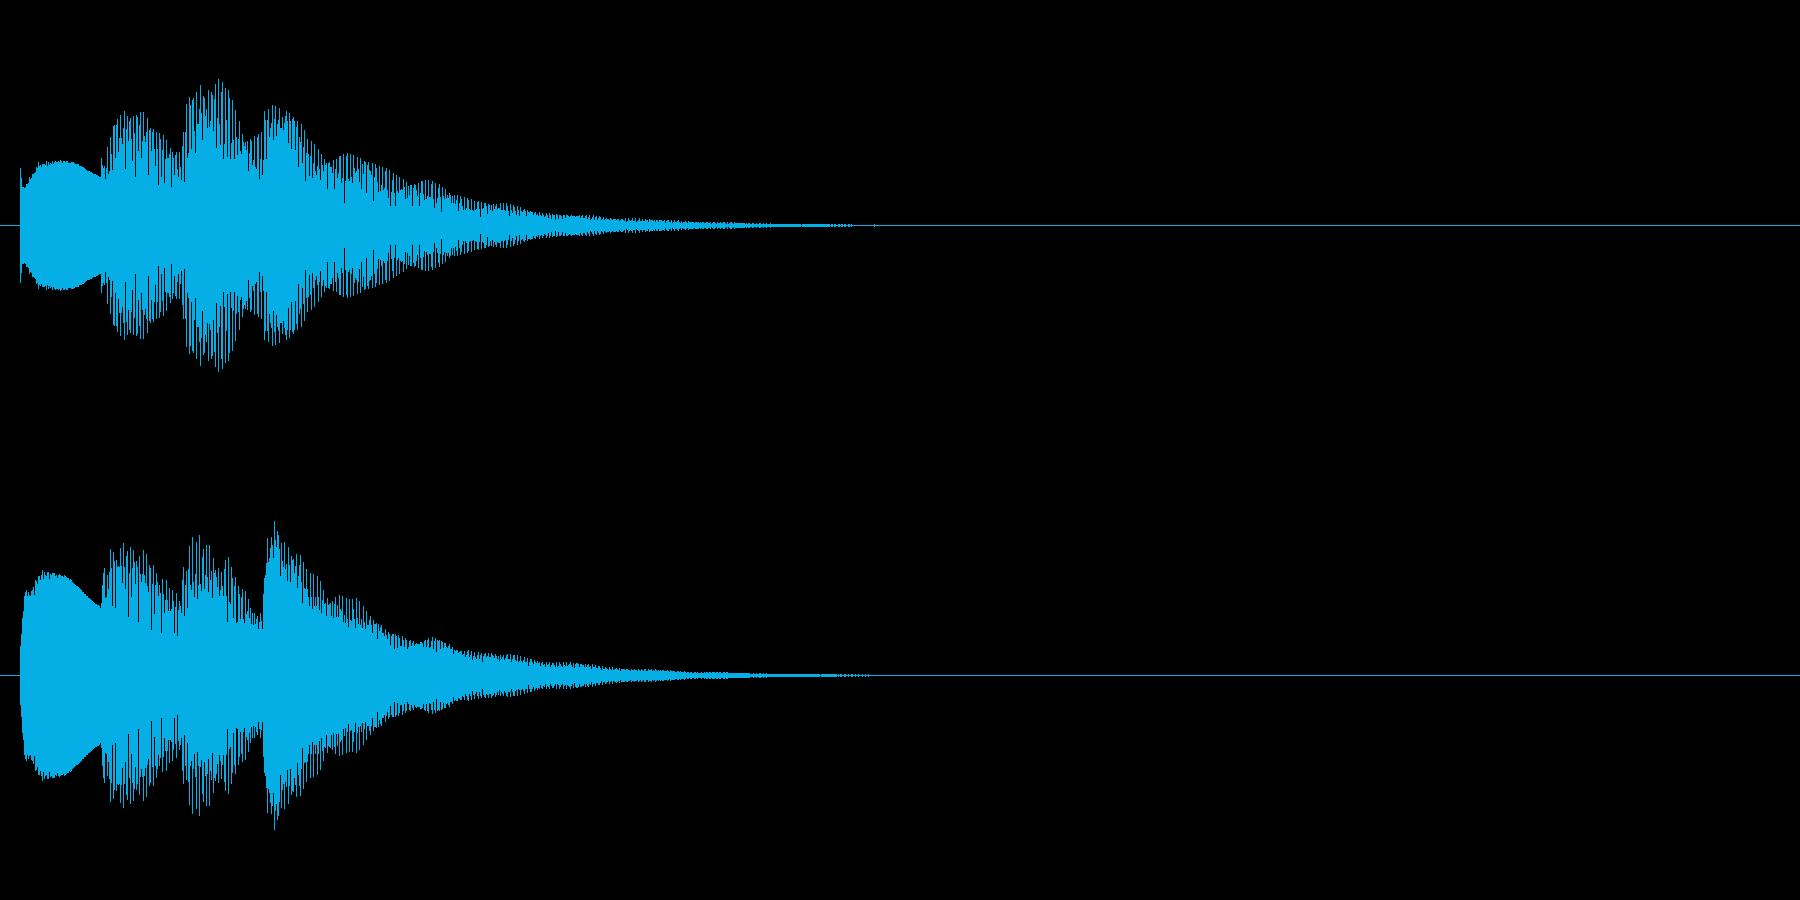 アナウンス始まる前の音(ピンポンパンポンの再生済みの波形